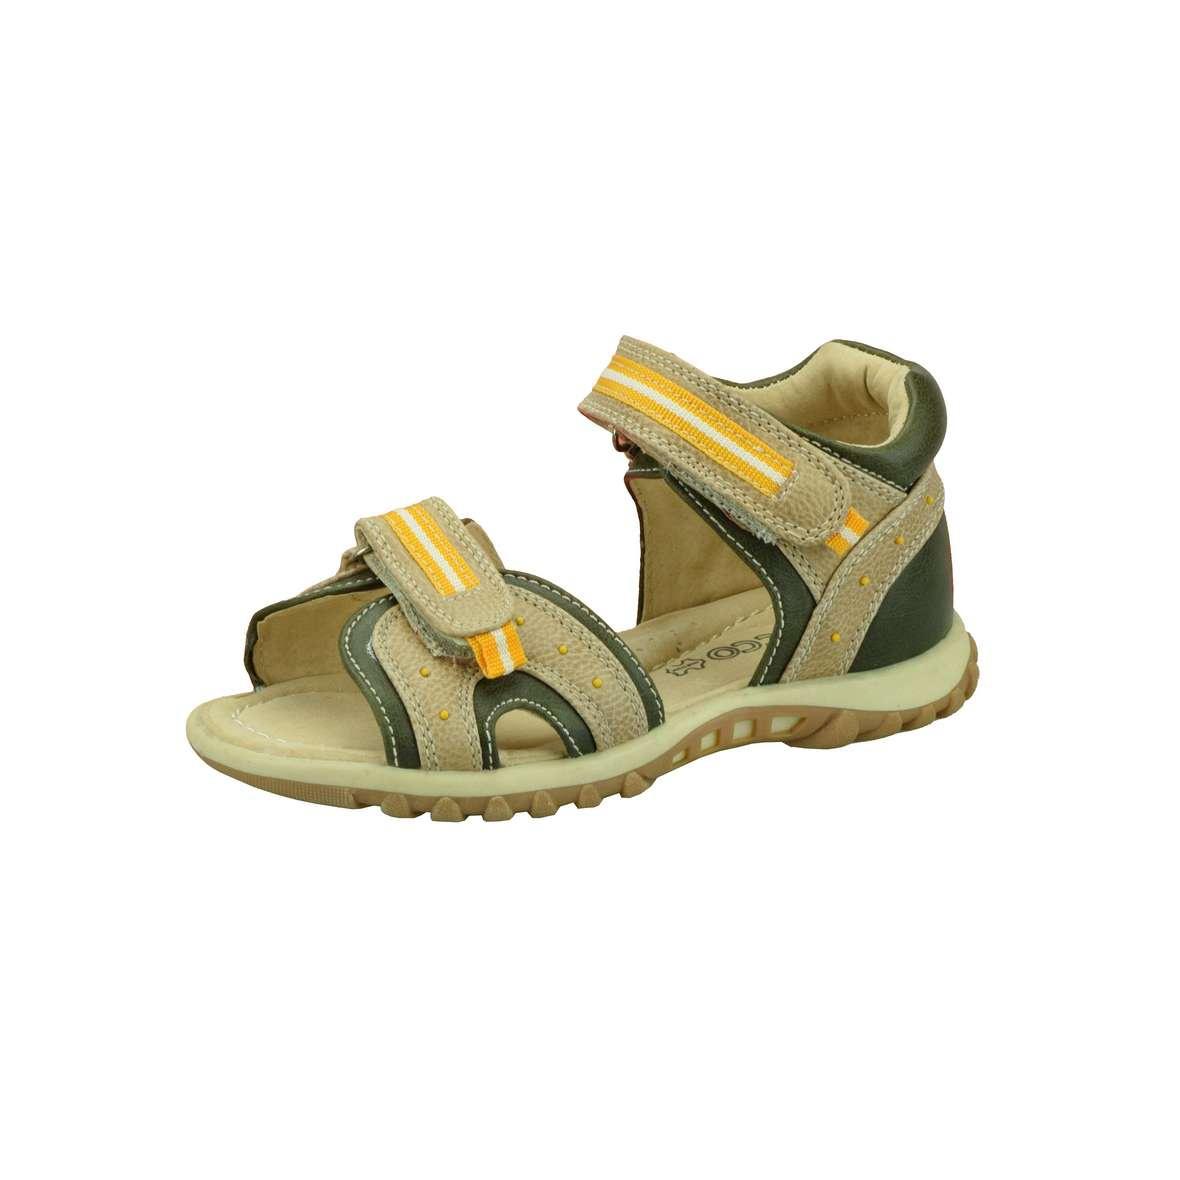 918dbc33de2 Dětská vycházková sandálka AS 4S1821B